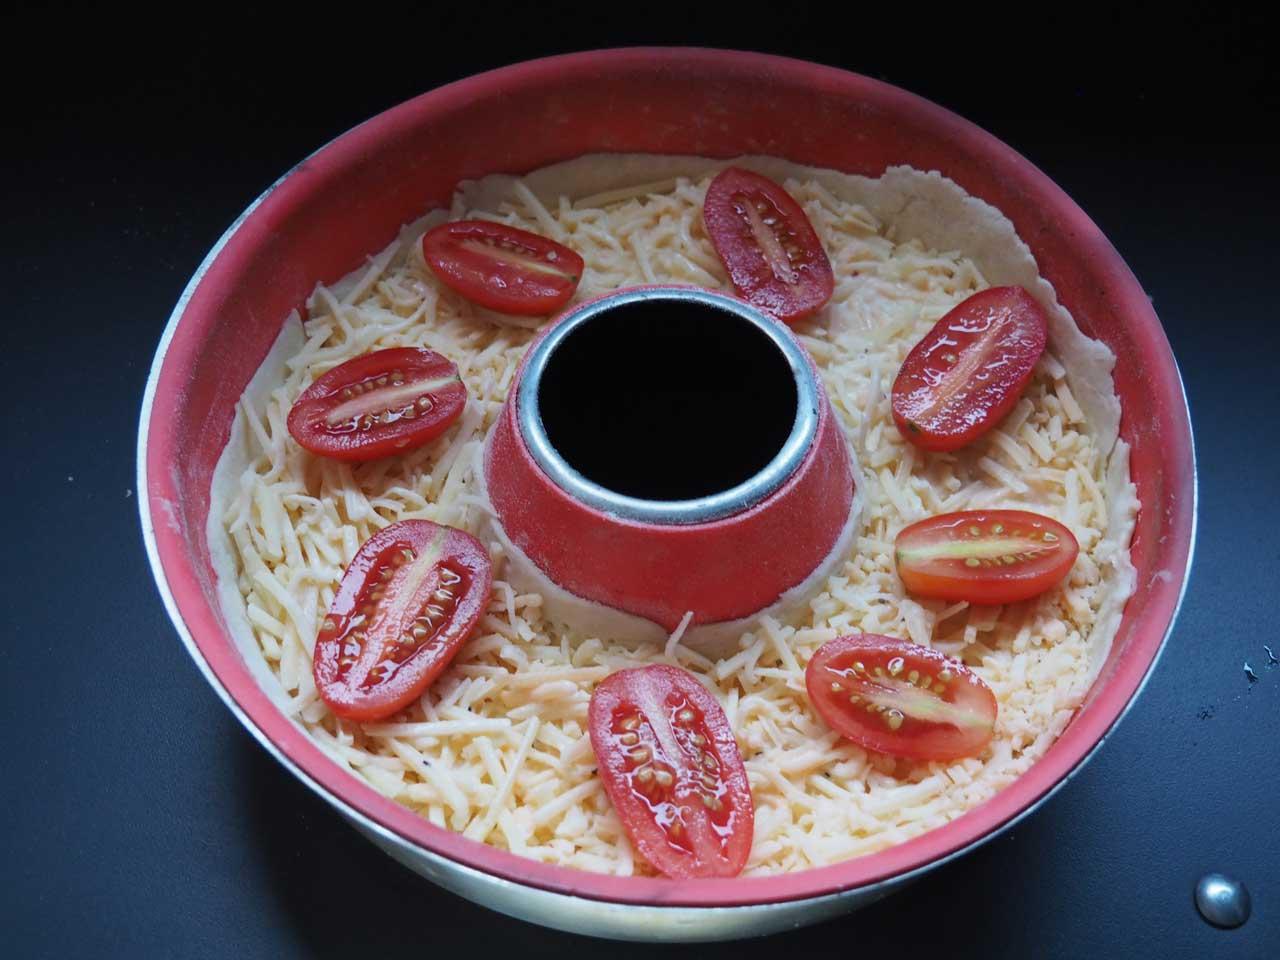 Die Käsemischung mit dem Guss übergiessen und am Schluss die Cherrytomaten darauf verteilen